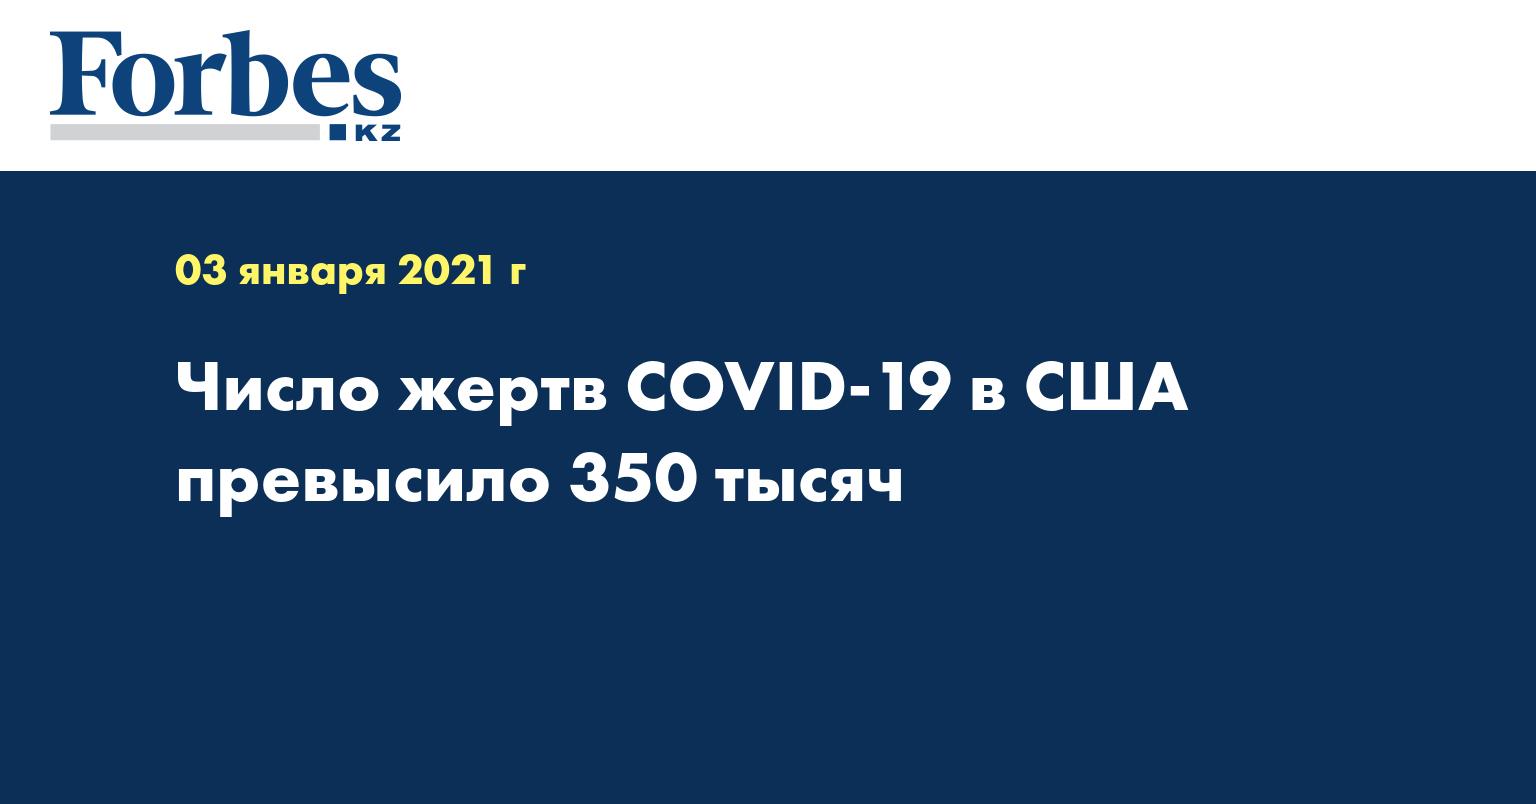 Число жертв COVID-19 в США превысило 350 тысяч